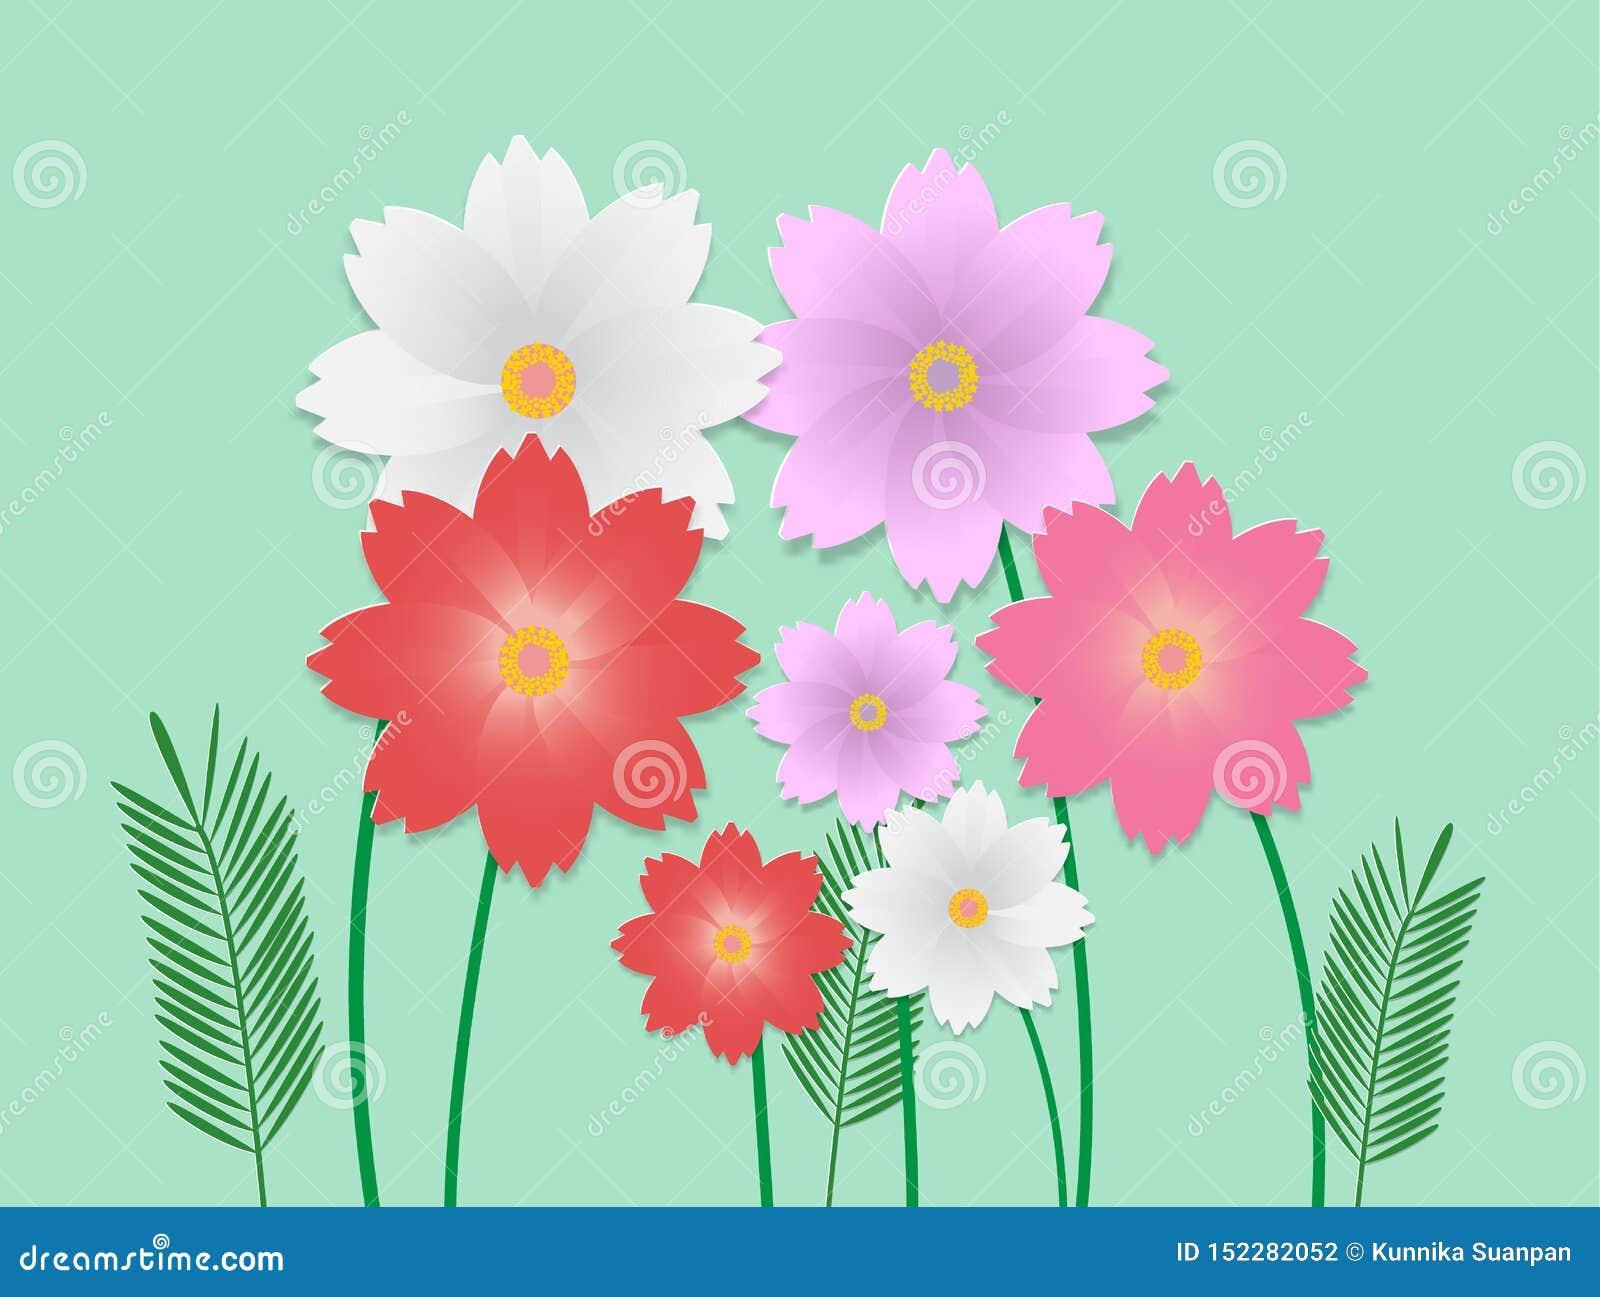 Imagem do vetor da flor colorida